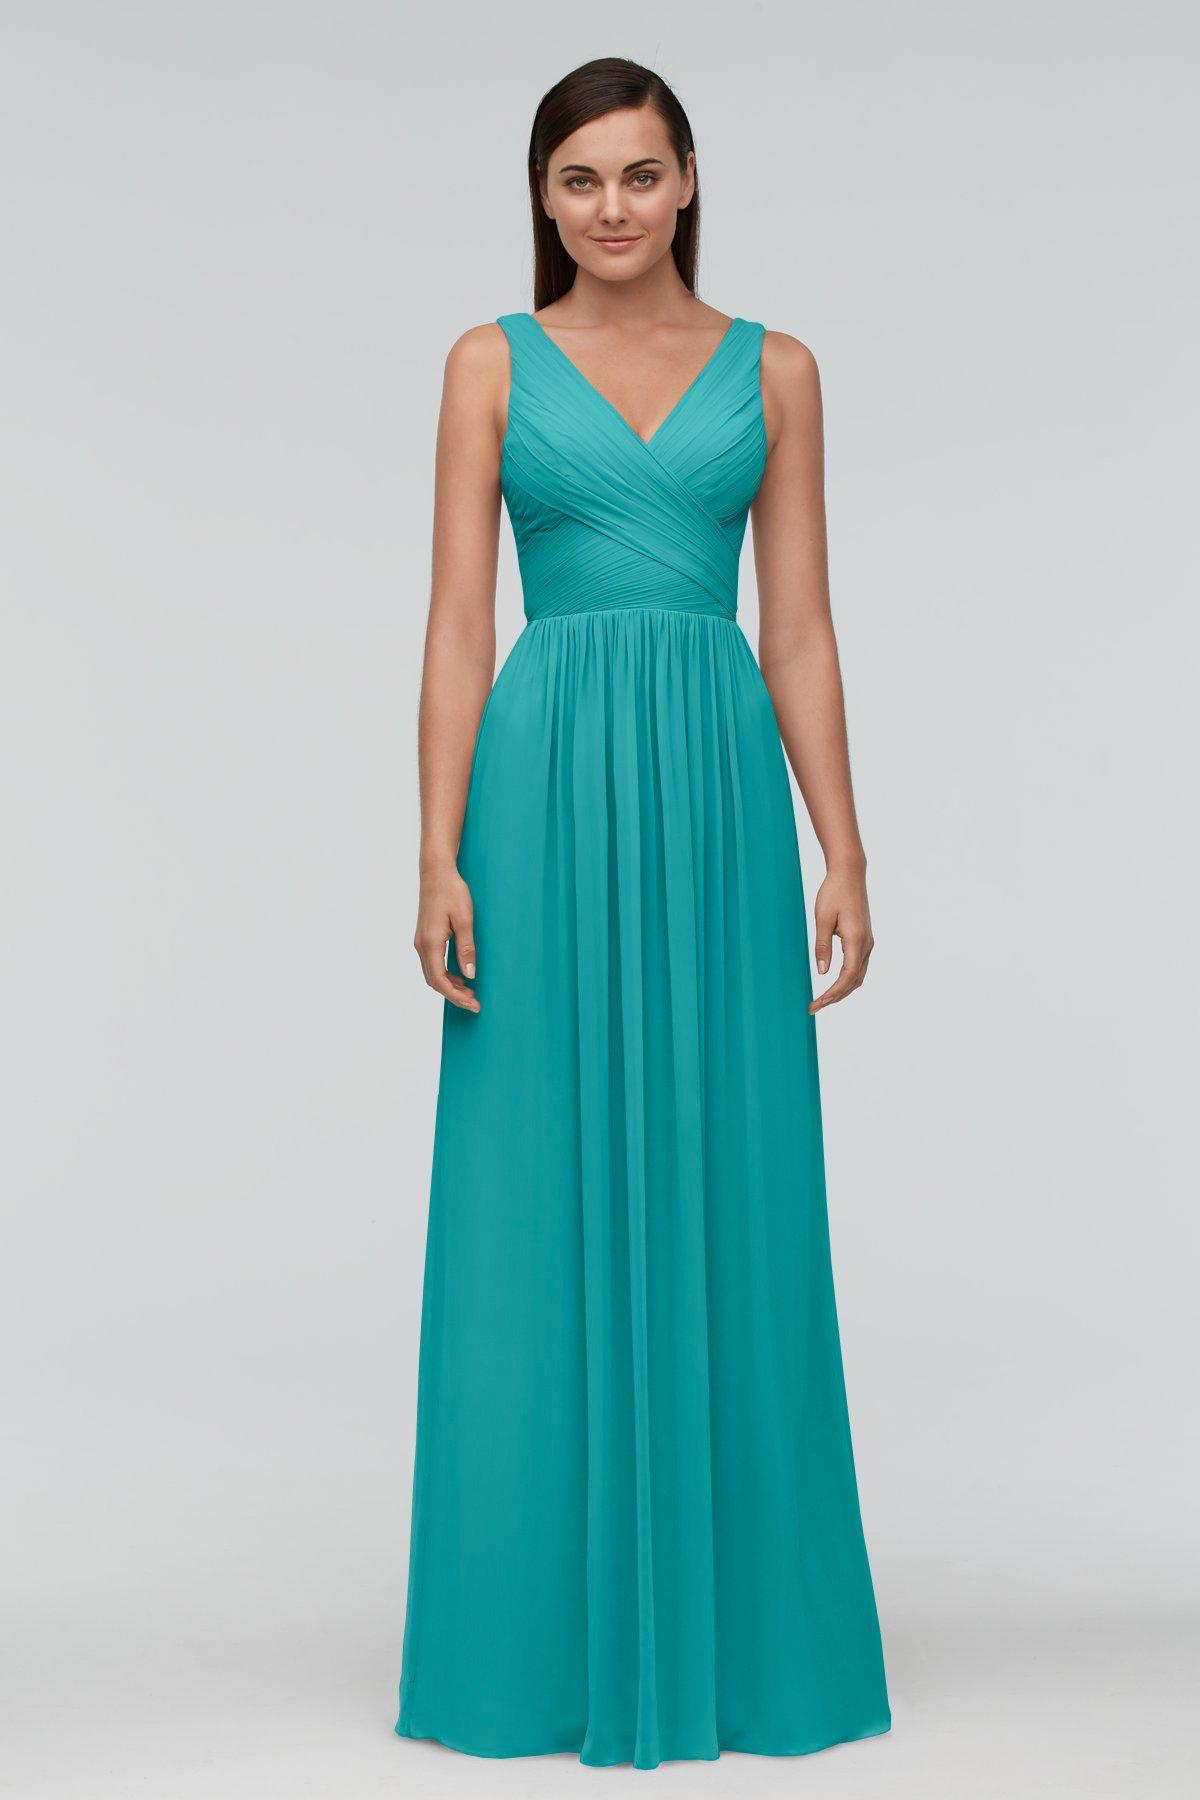 Aqua Green Long Deep V Bridesmaid Dress